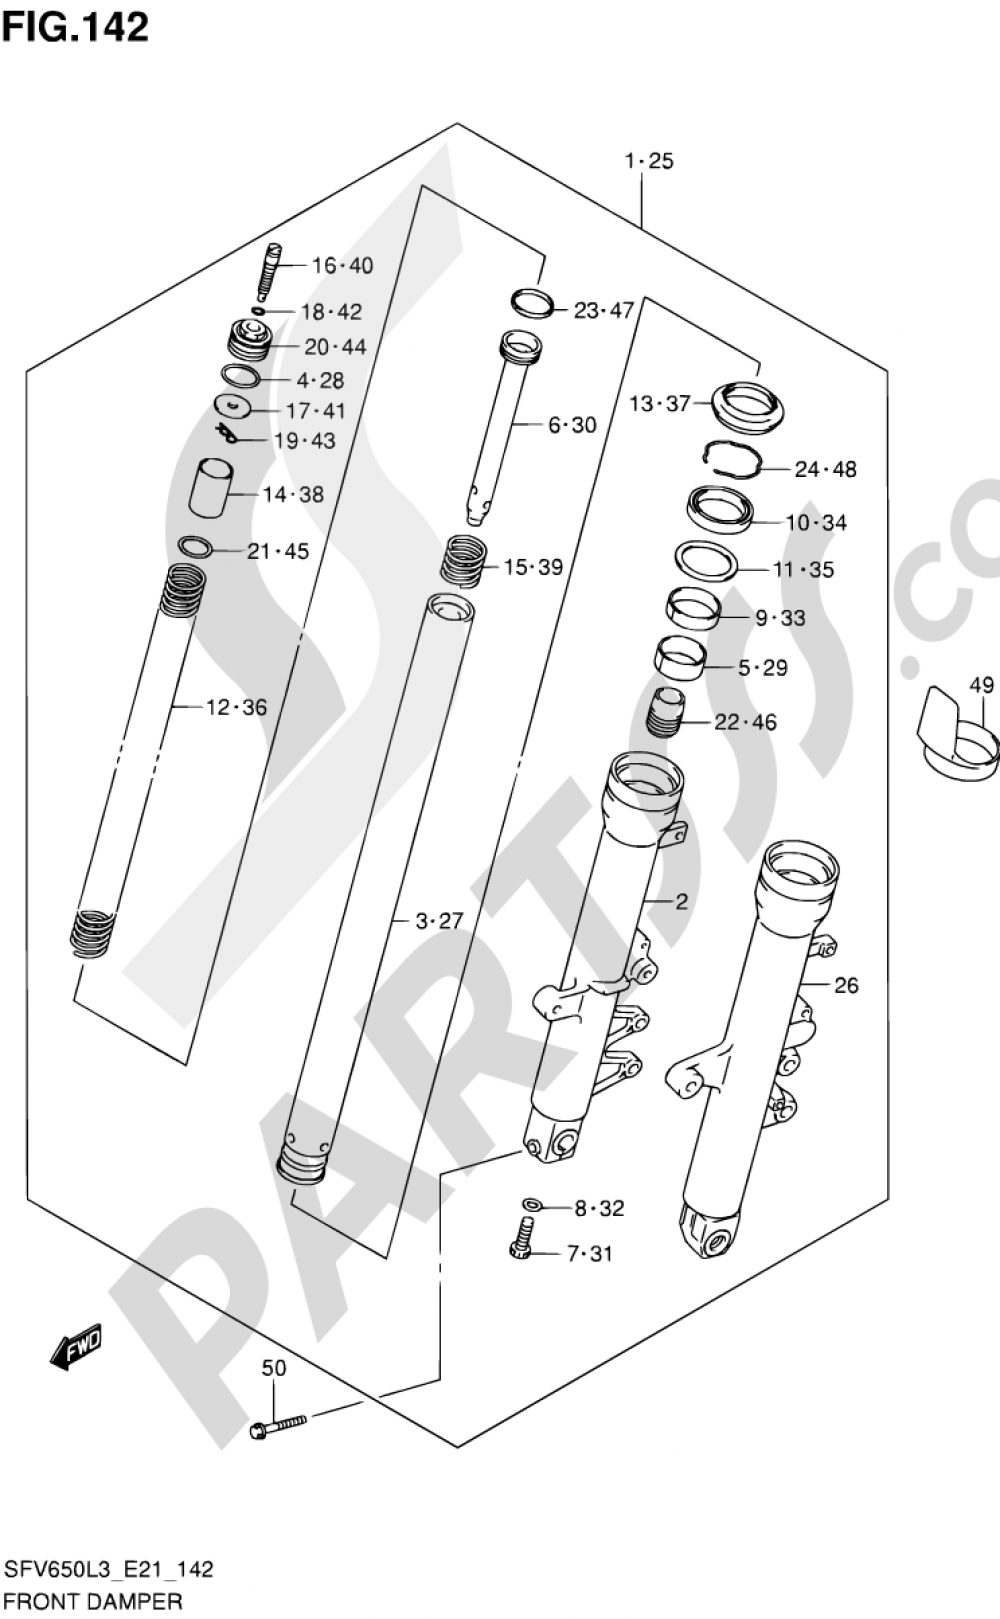 142 Front Damper Sfv650ul3 E24 Suzuki Gladius Sfv650a 2013 Wiring Diagrams